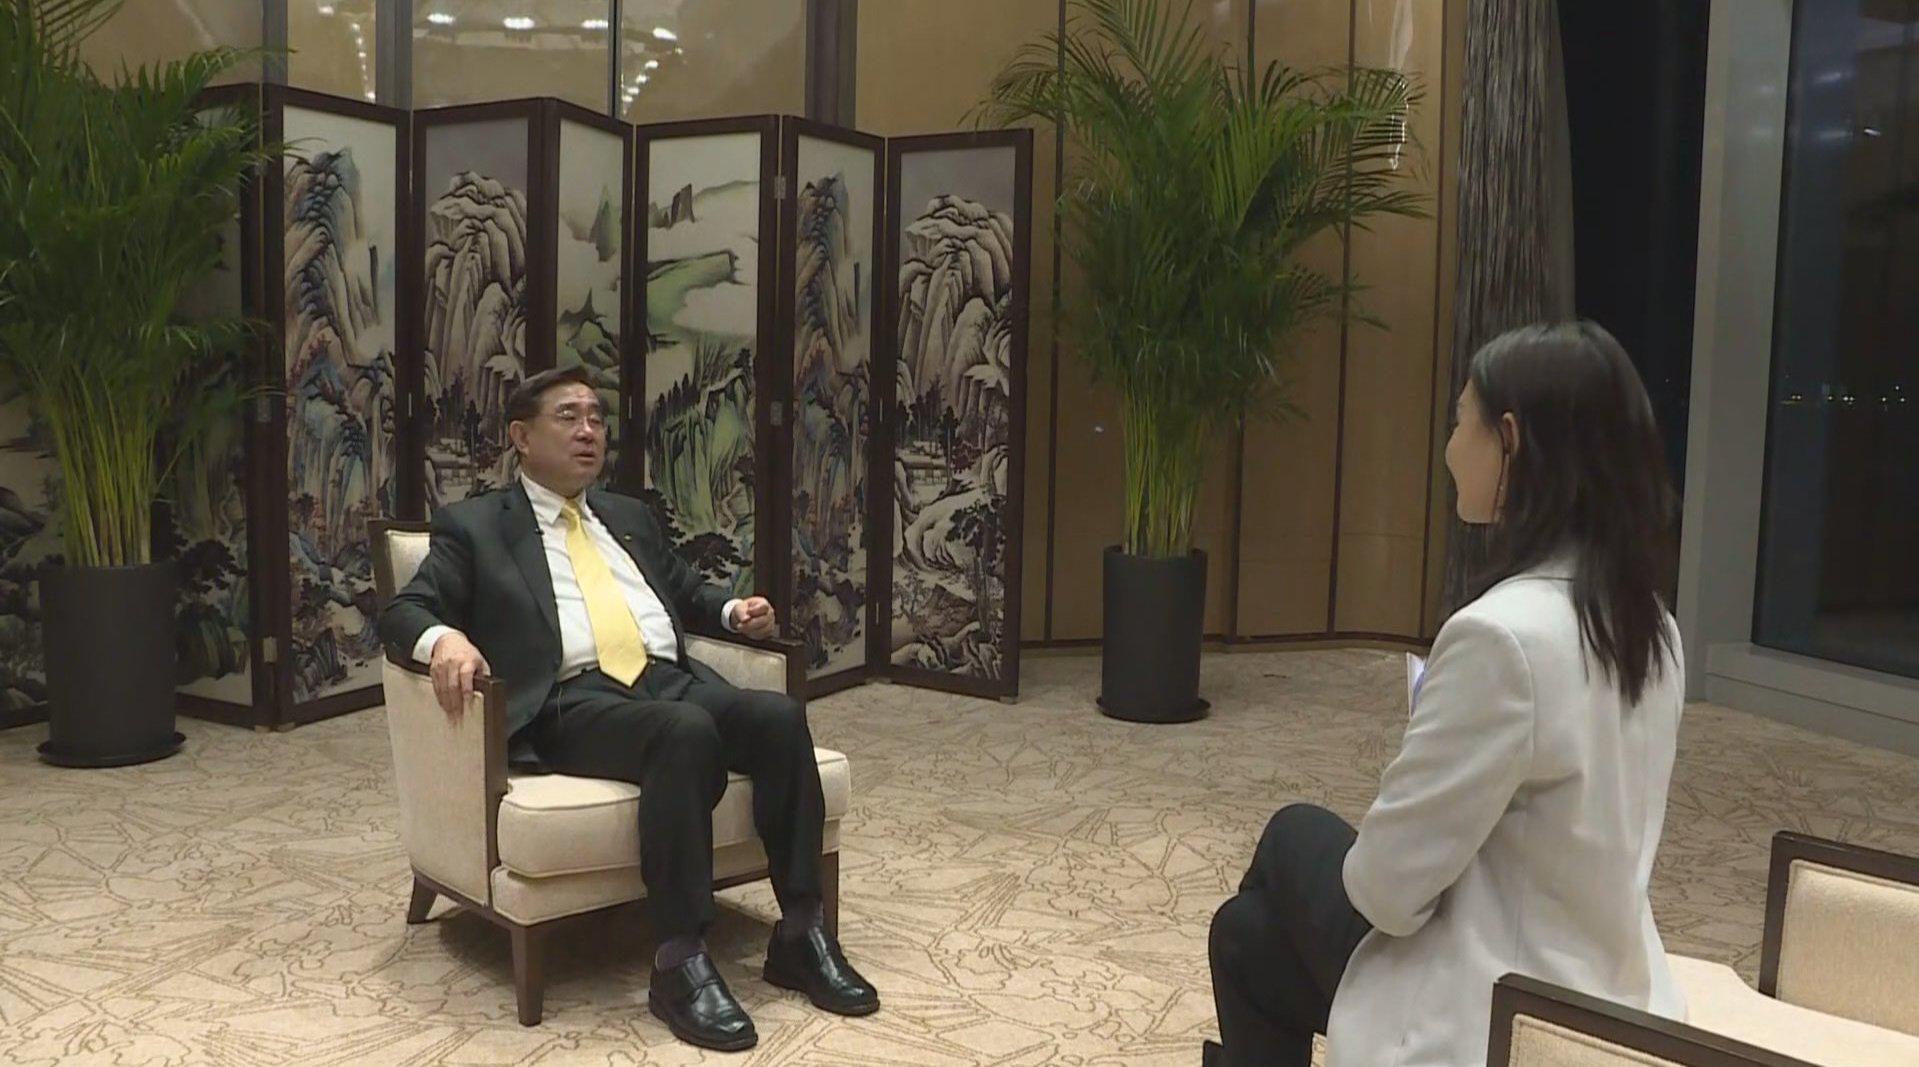 吴成典:两岸都是中国人 必须携手合作实现民族伟大复兴